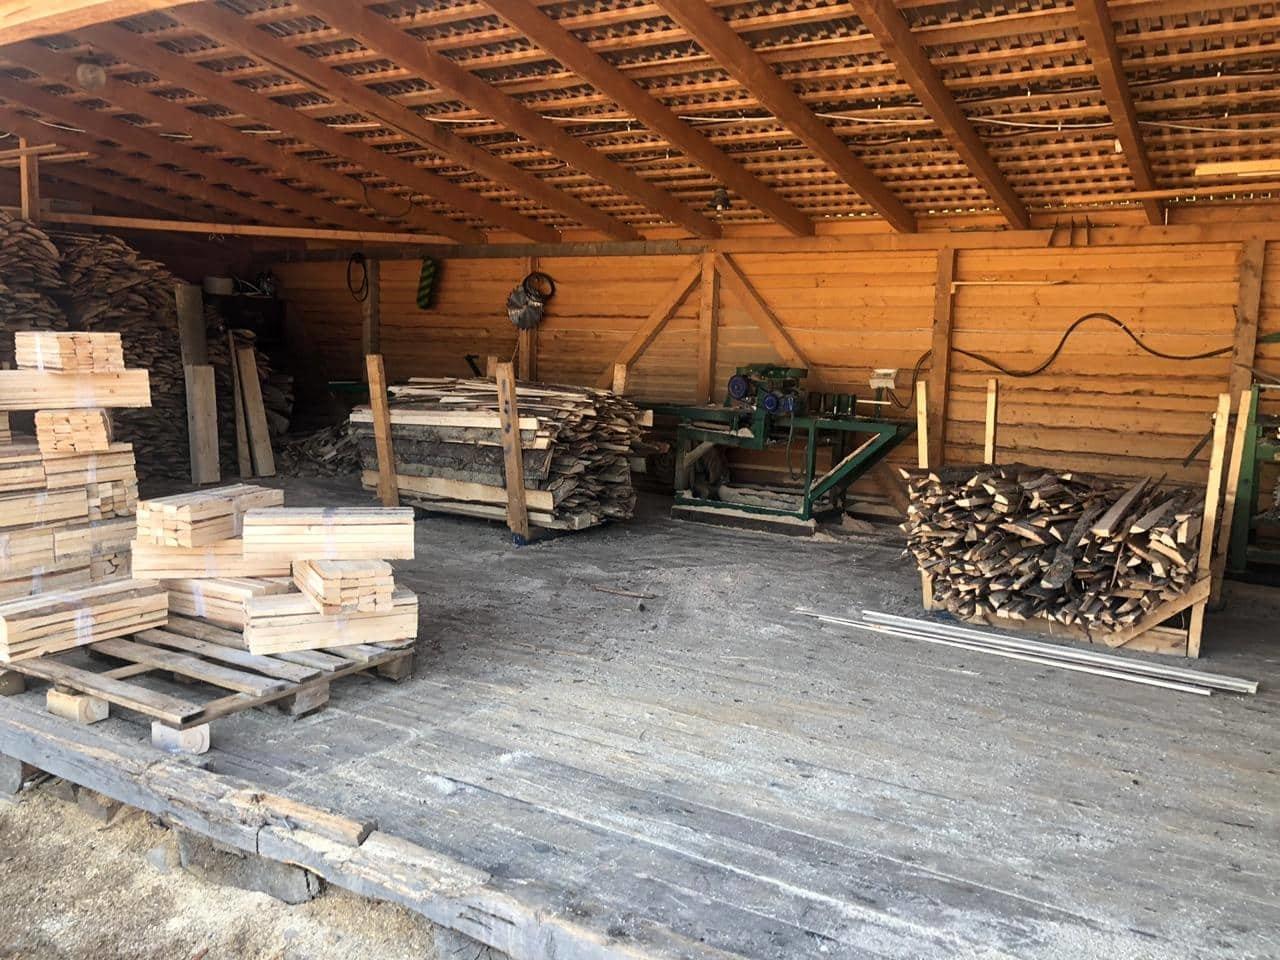 На Закарпатті СБУ викрило лісництво на розкраданні деревини - лісничому оголосили підозру (ФОТО), фото-5